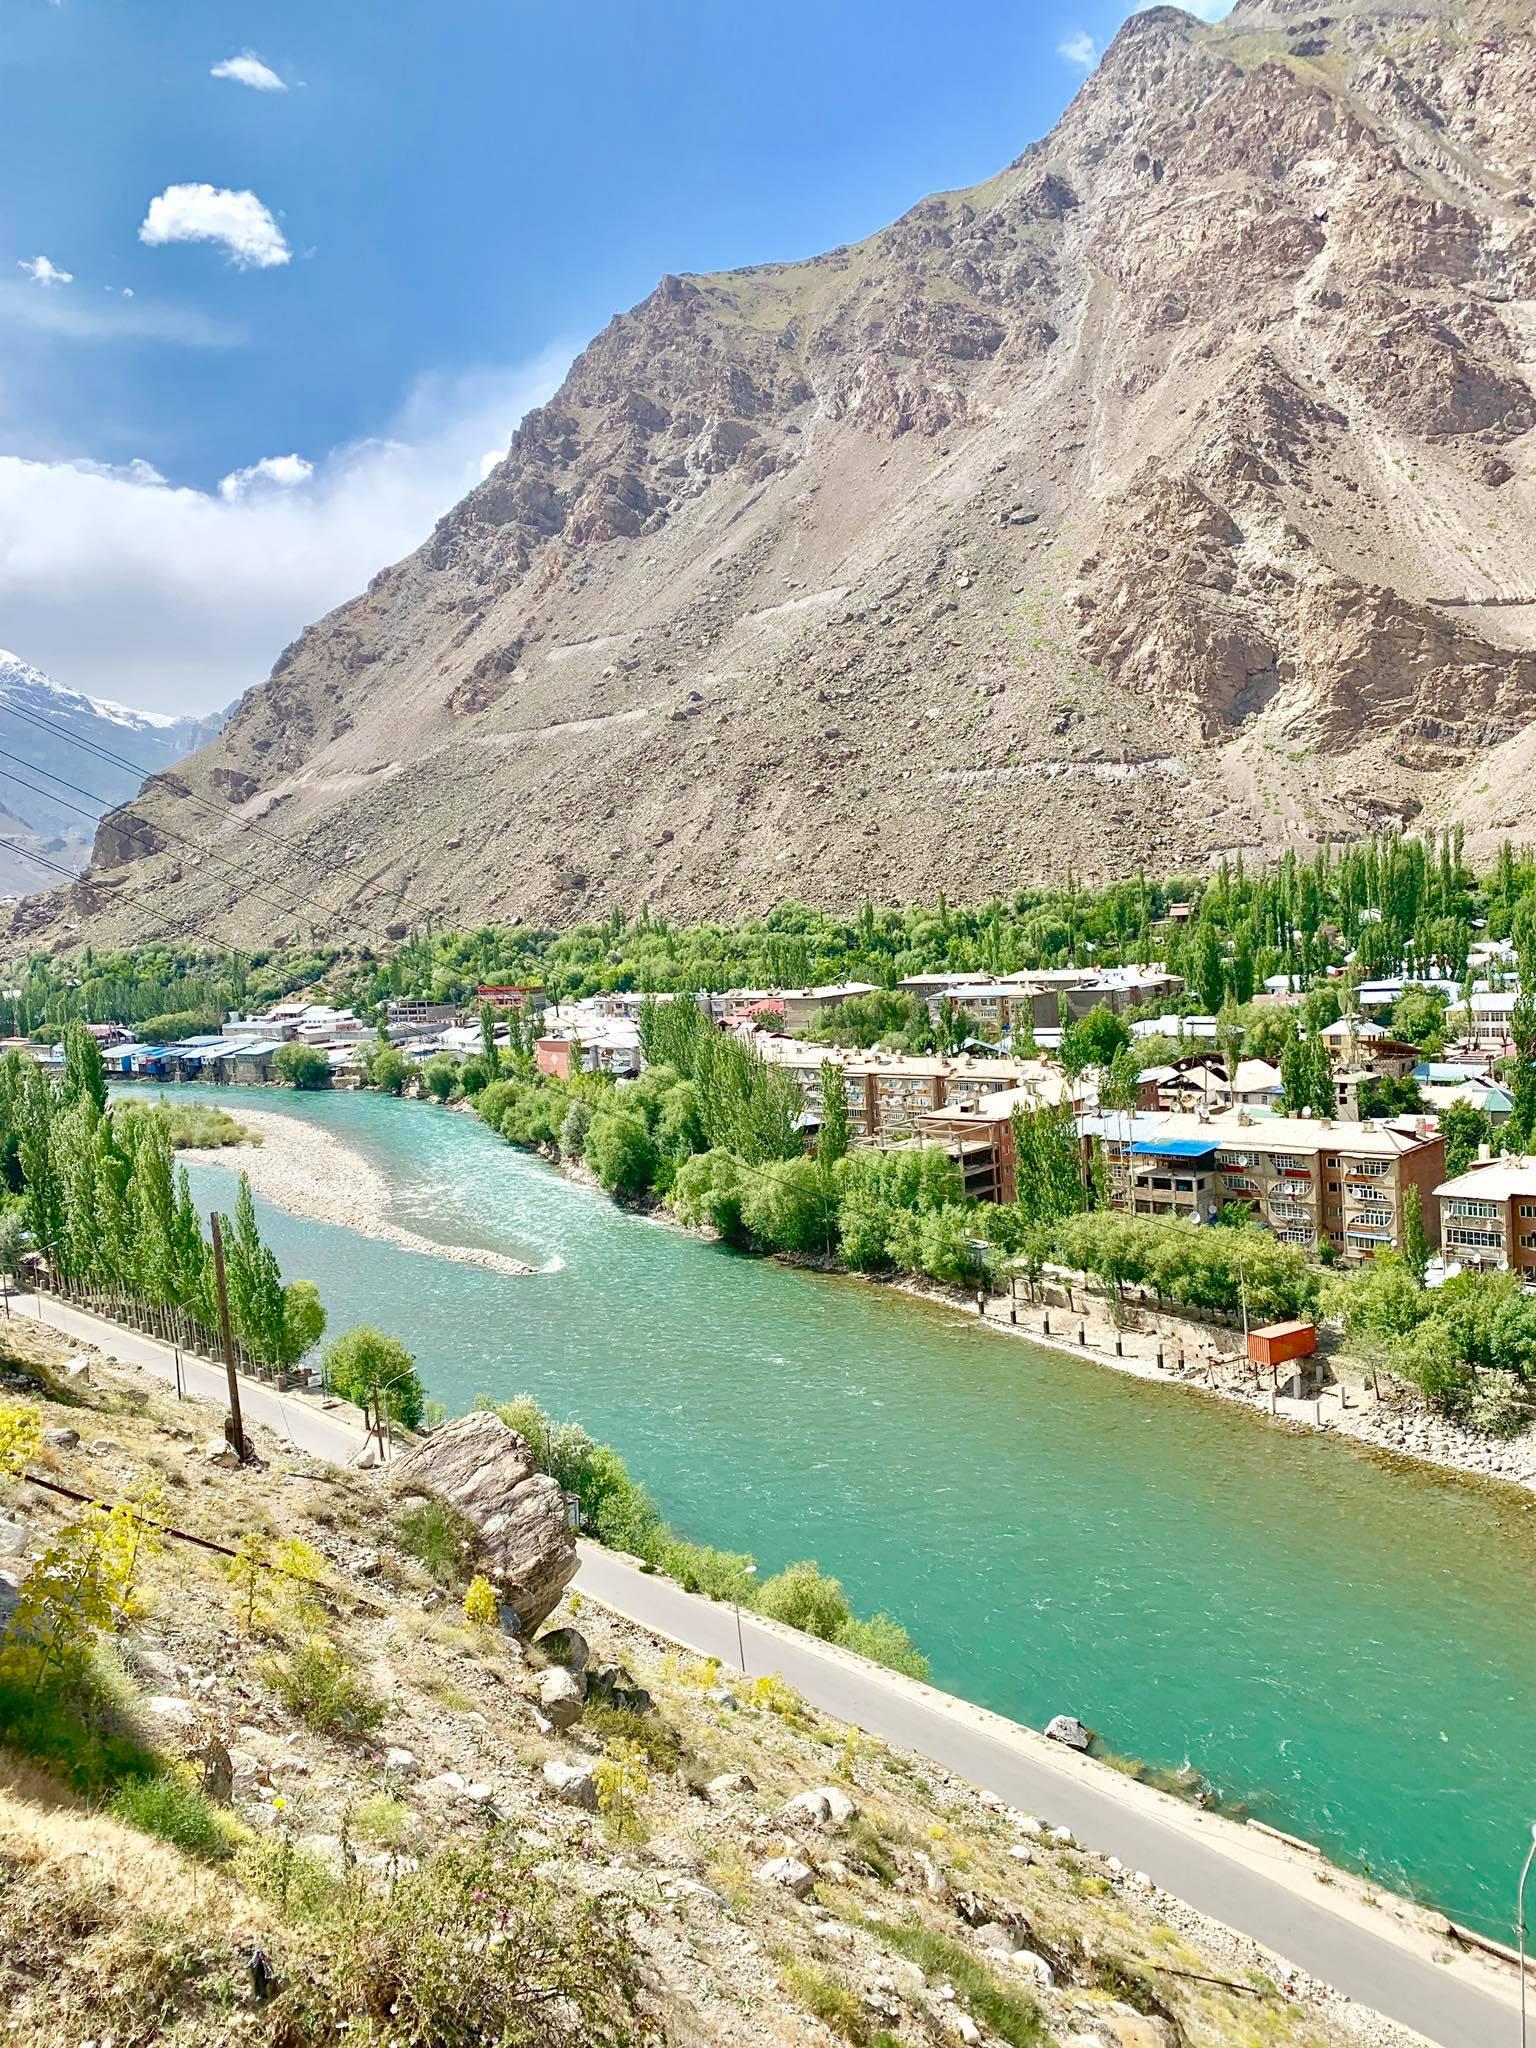 Kach Solo Travels in 2019 Pamir Highway Trip in Tajikistan12.jpg